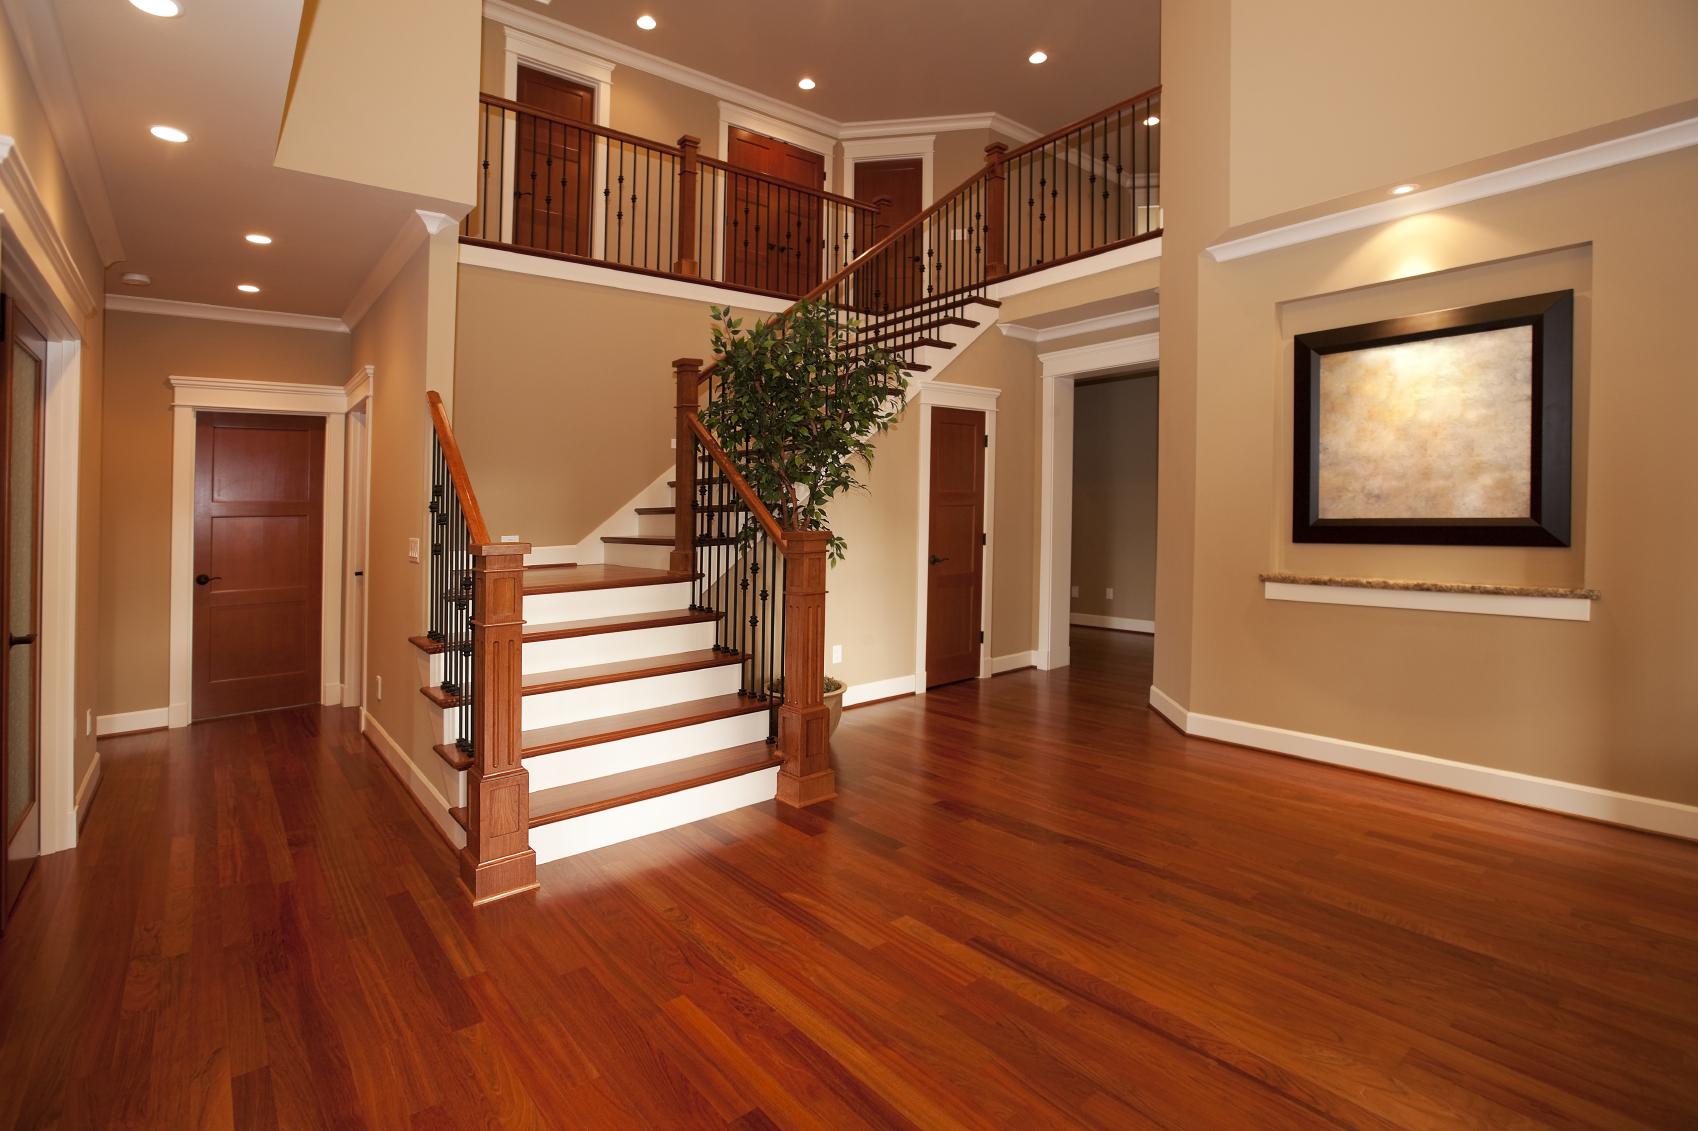 Wood Floor Stairs Pic Lamps Door